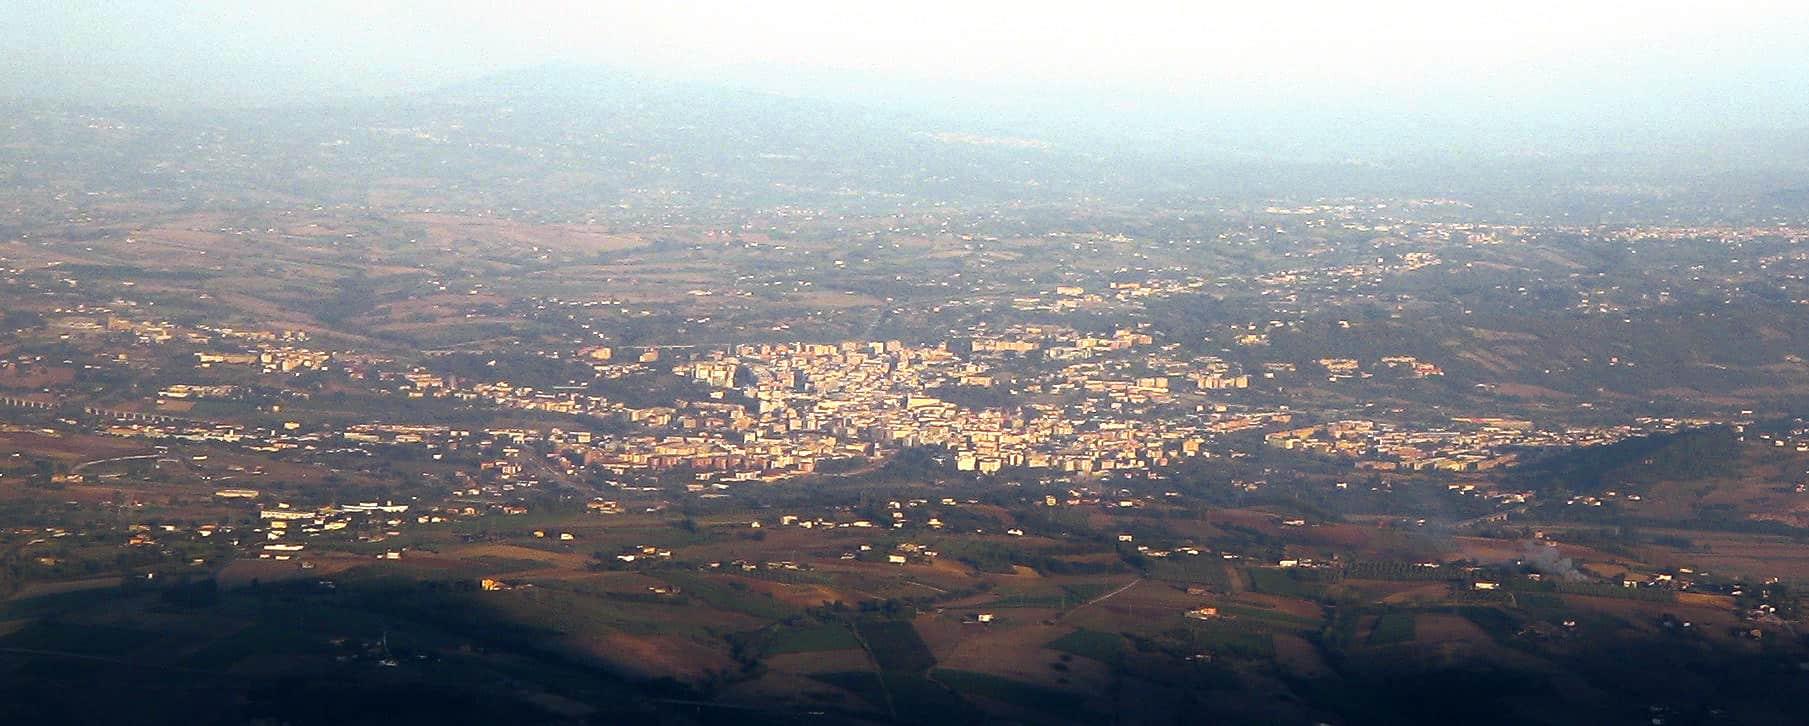 Agriturismi della provincia di Benevento